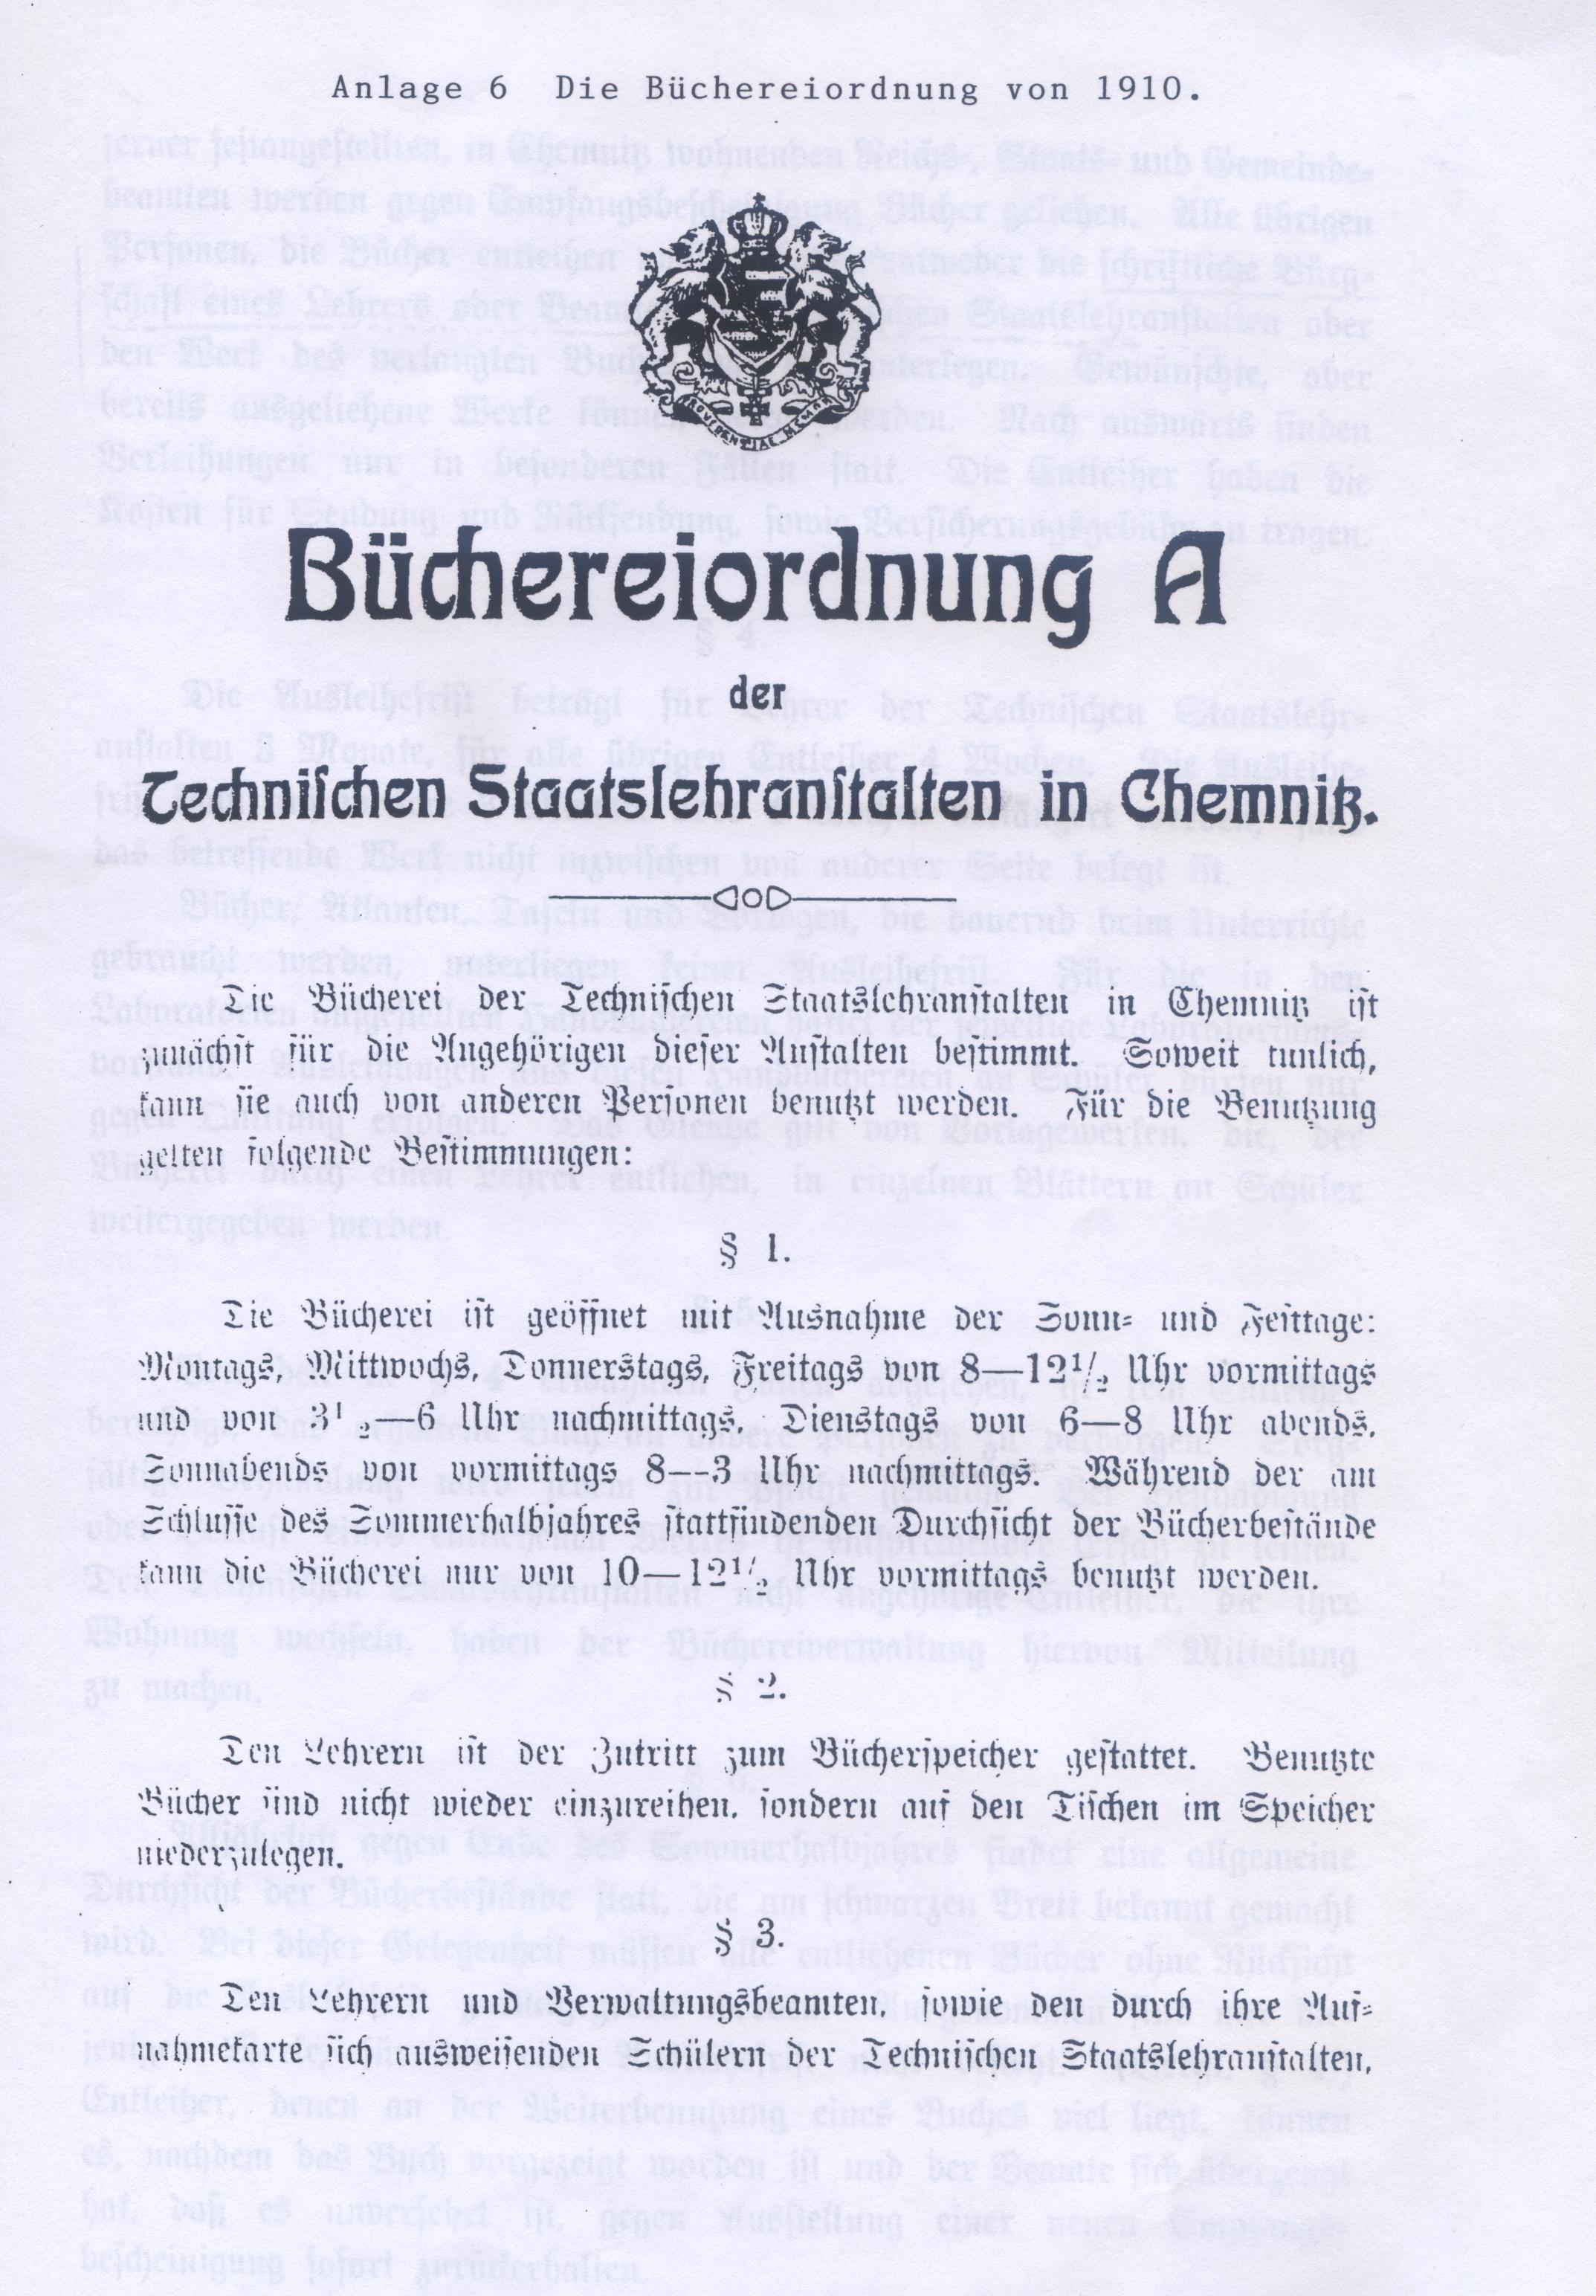 Abbildung der Büchereiordnung von 1910